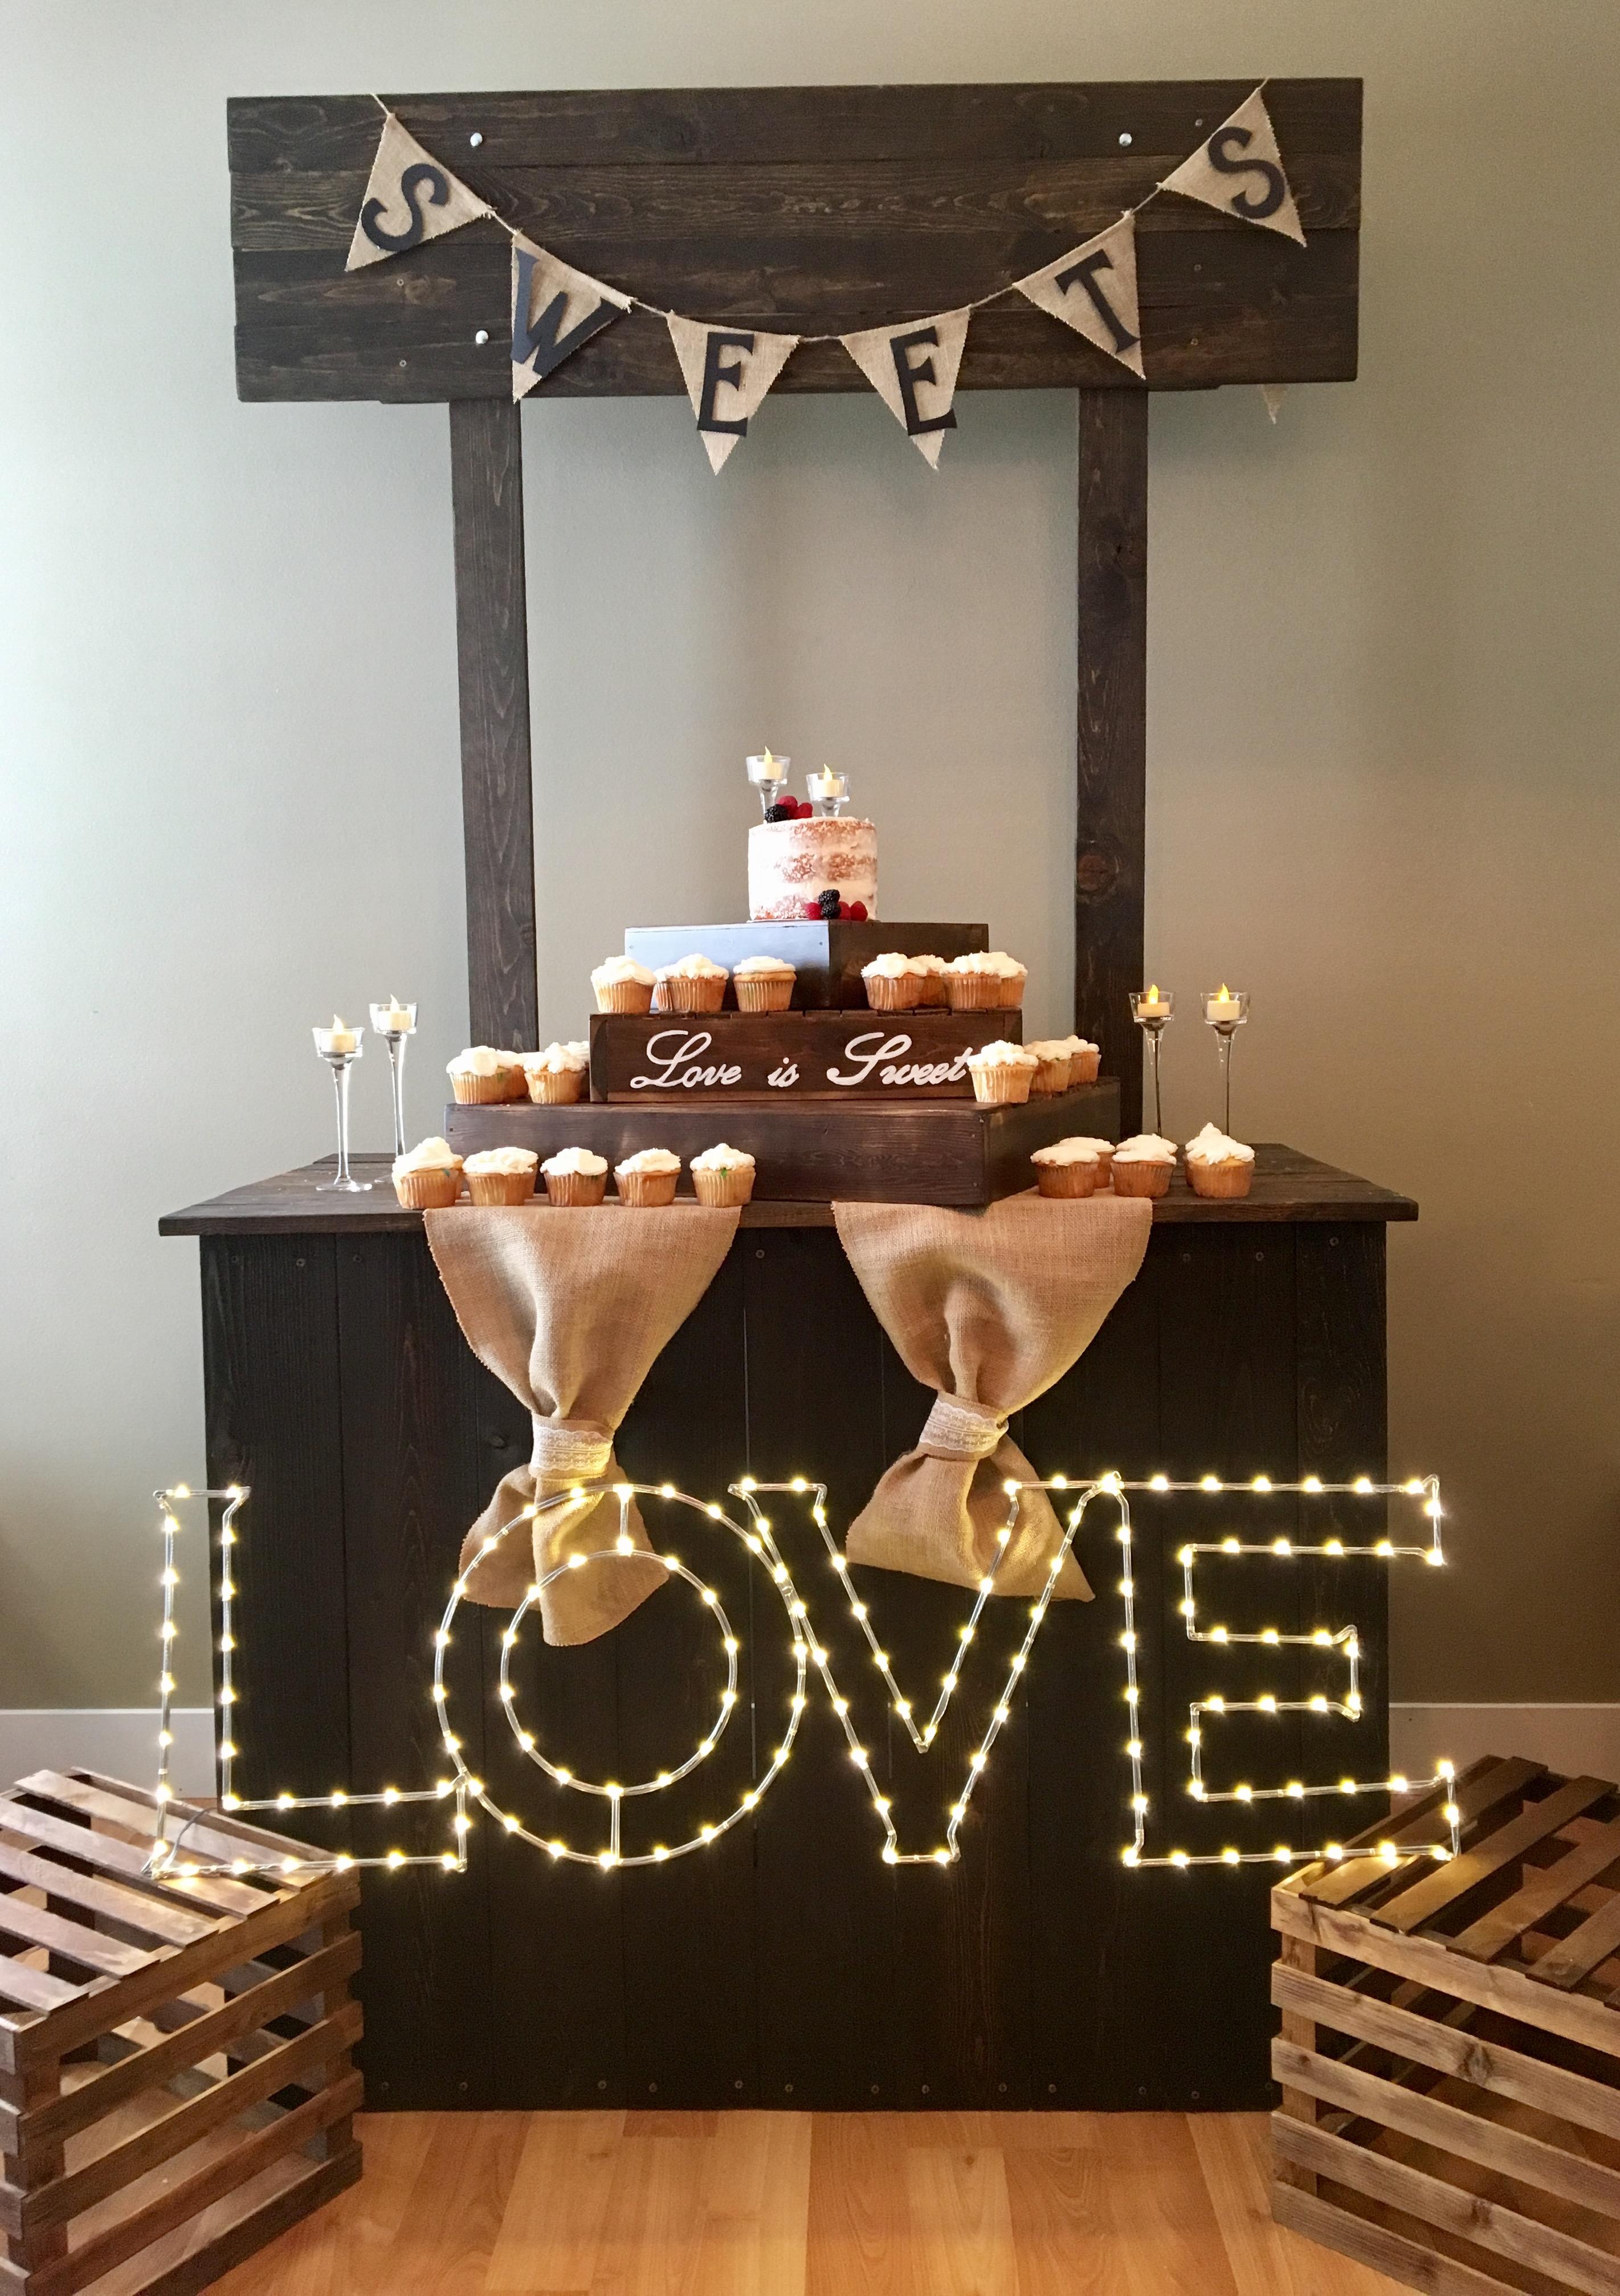 Cake/Dessert Stand